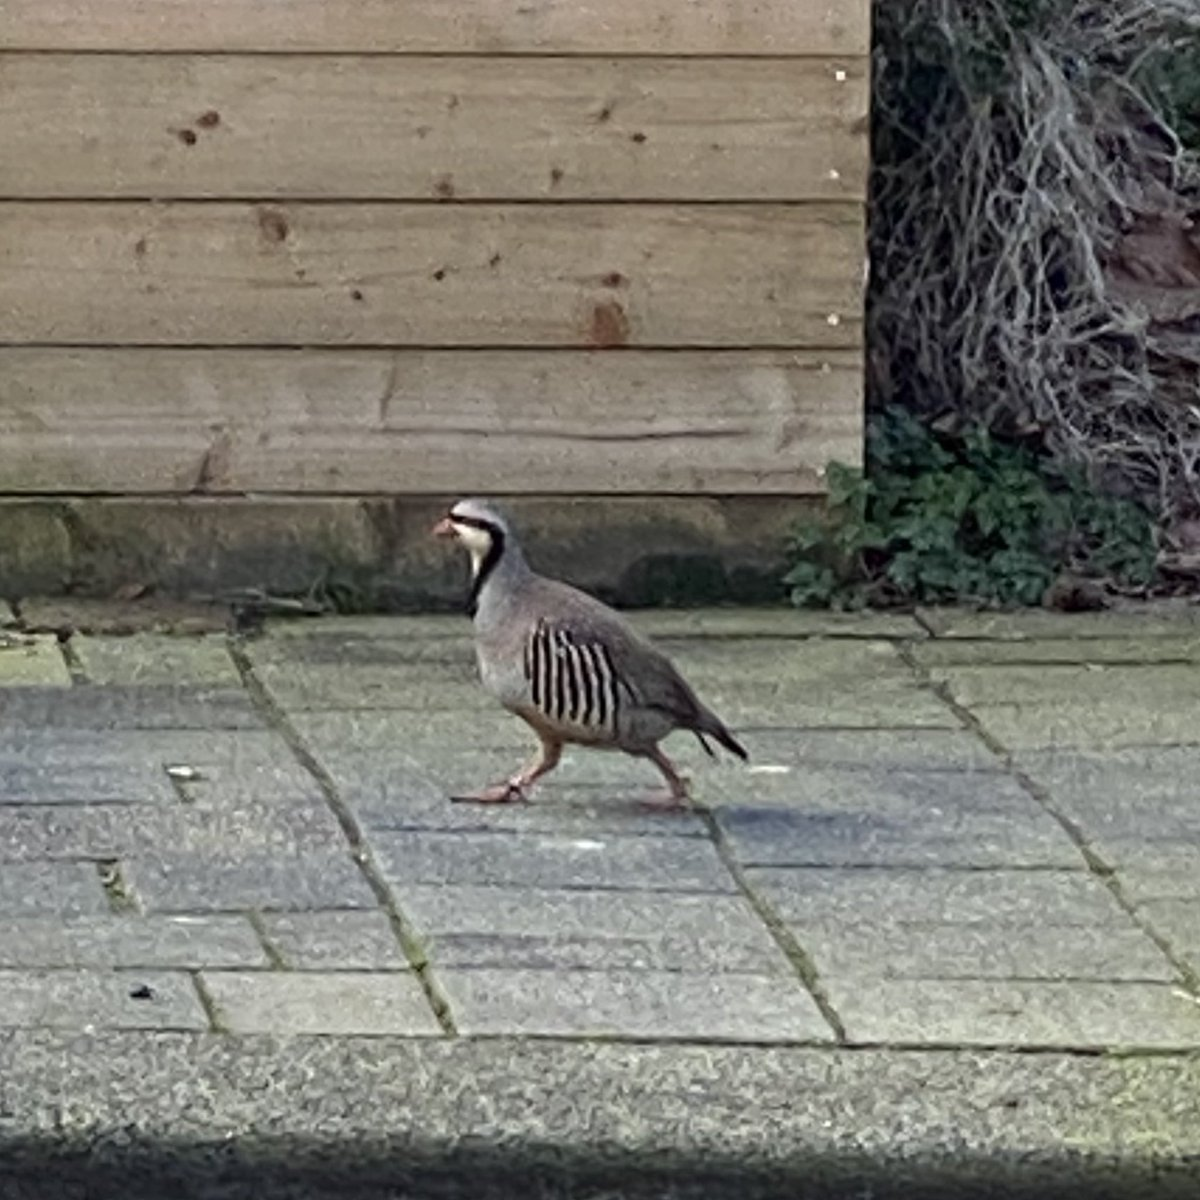 test Twitter Media - Deze #vogel zie je niet iedere dag door je straat lopen in #Rotterdam. Rara rare vogel..ehh raad de vogel. Welke vogel is dit? Morgen het antwoord in de reacties. #vogels #samenvoordieren #vogelhulp #wieweethet #raadsel https://t.co/UBiELnXDVM